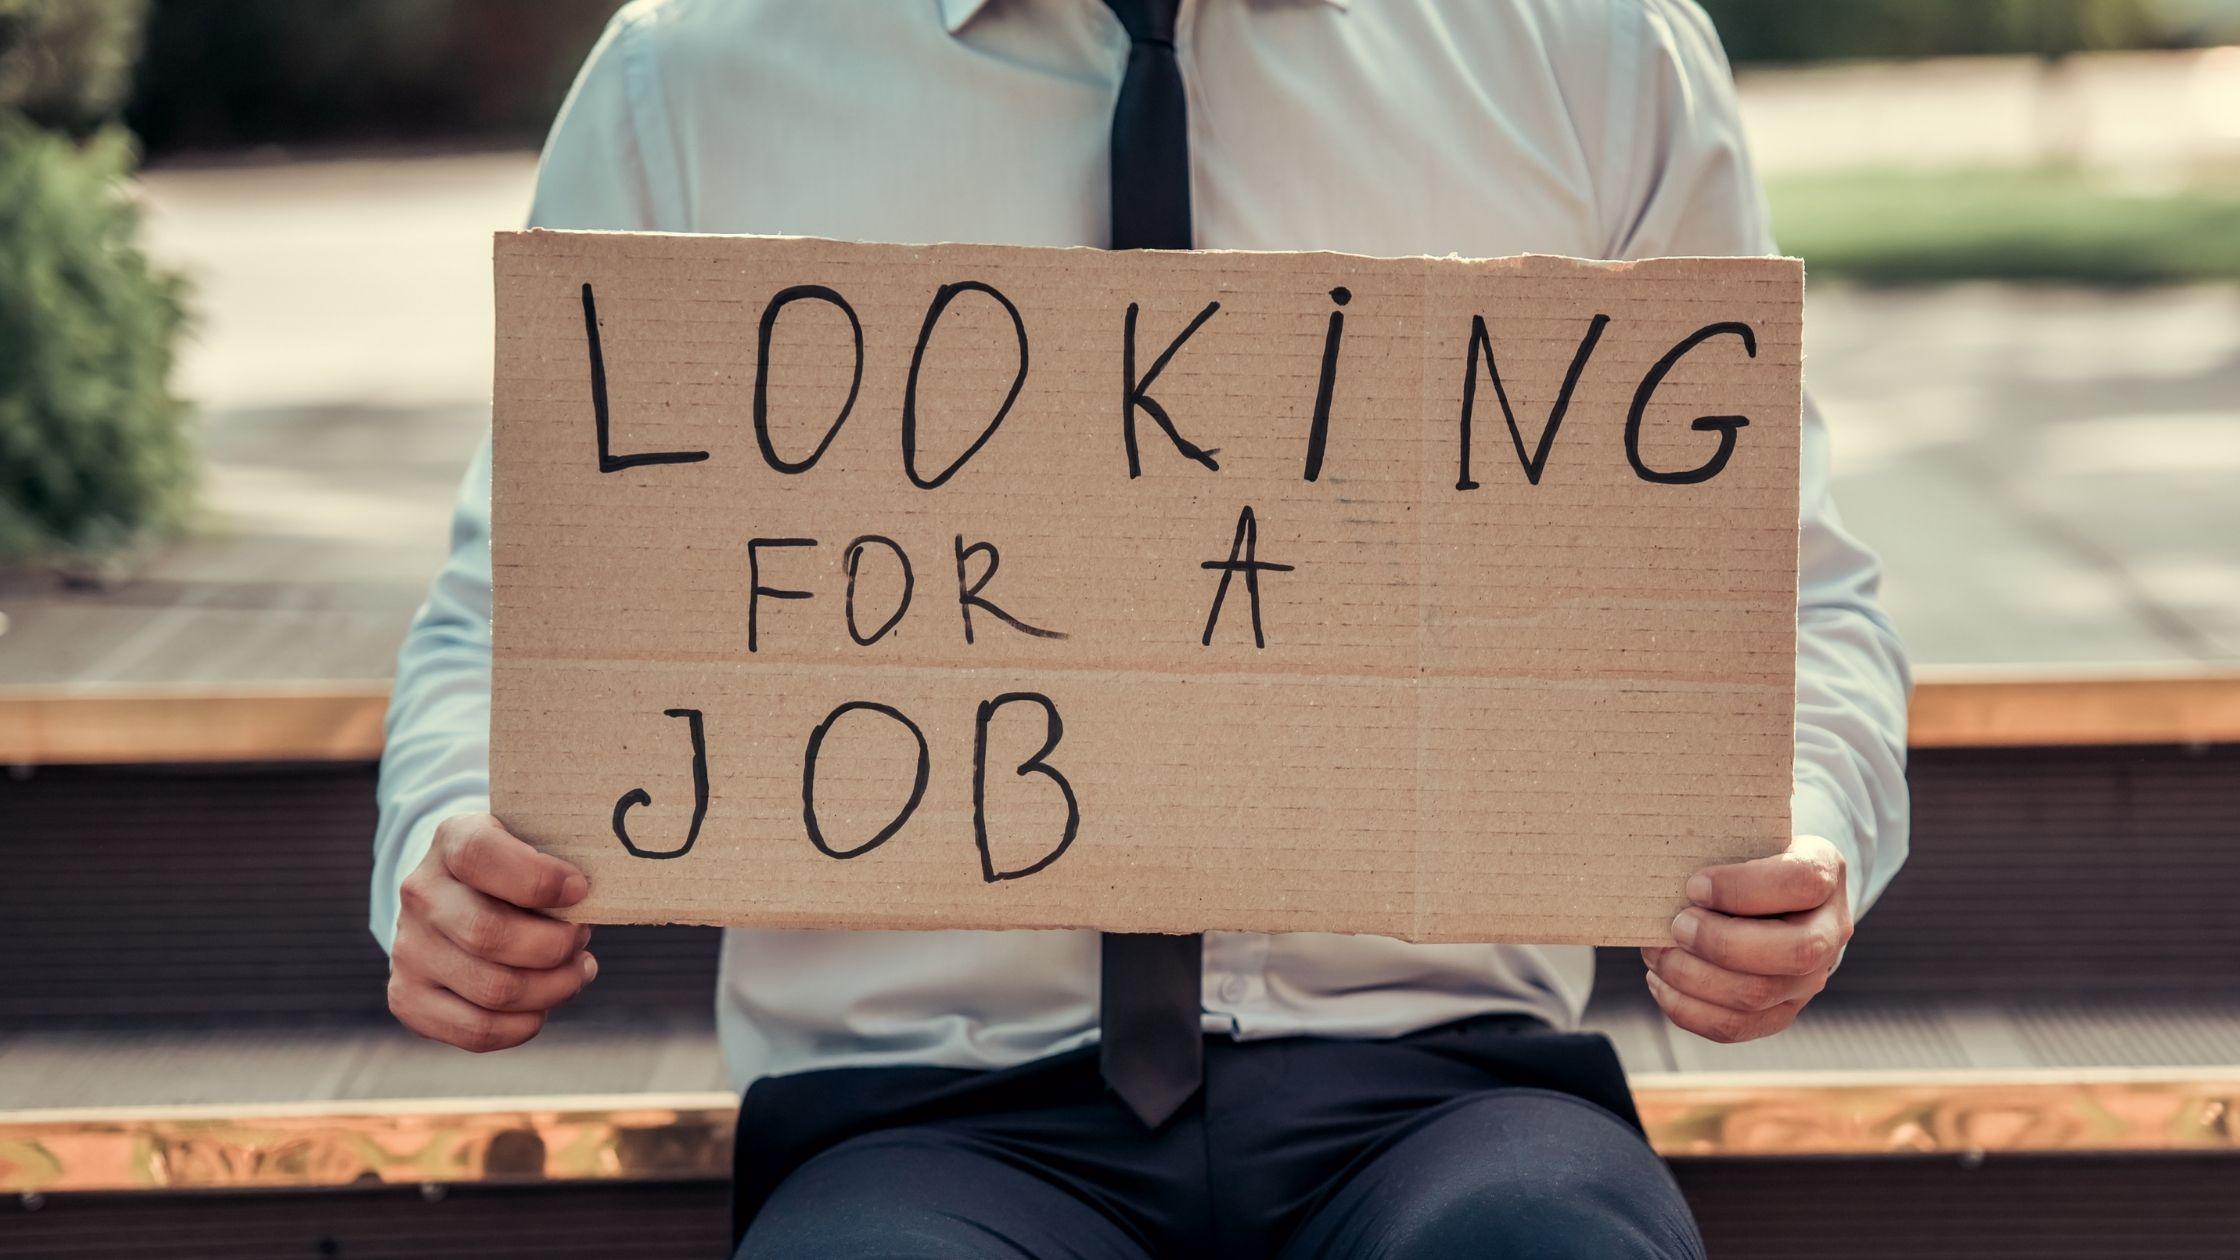 """Das Bild zeigt einen Mann, der einen Karton vor sich hält, auf dem steht: """"Looking for a job""""."""